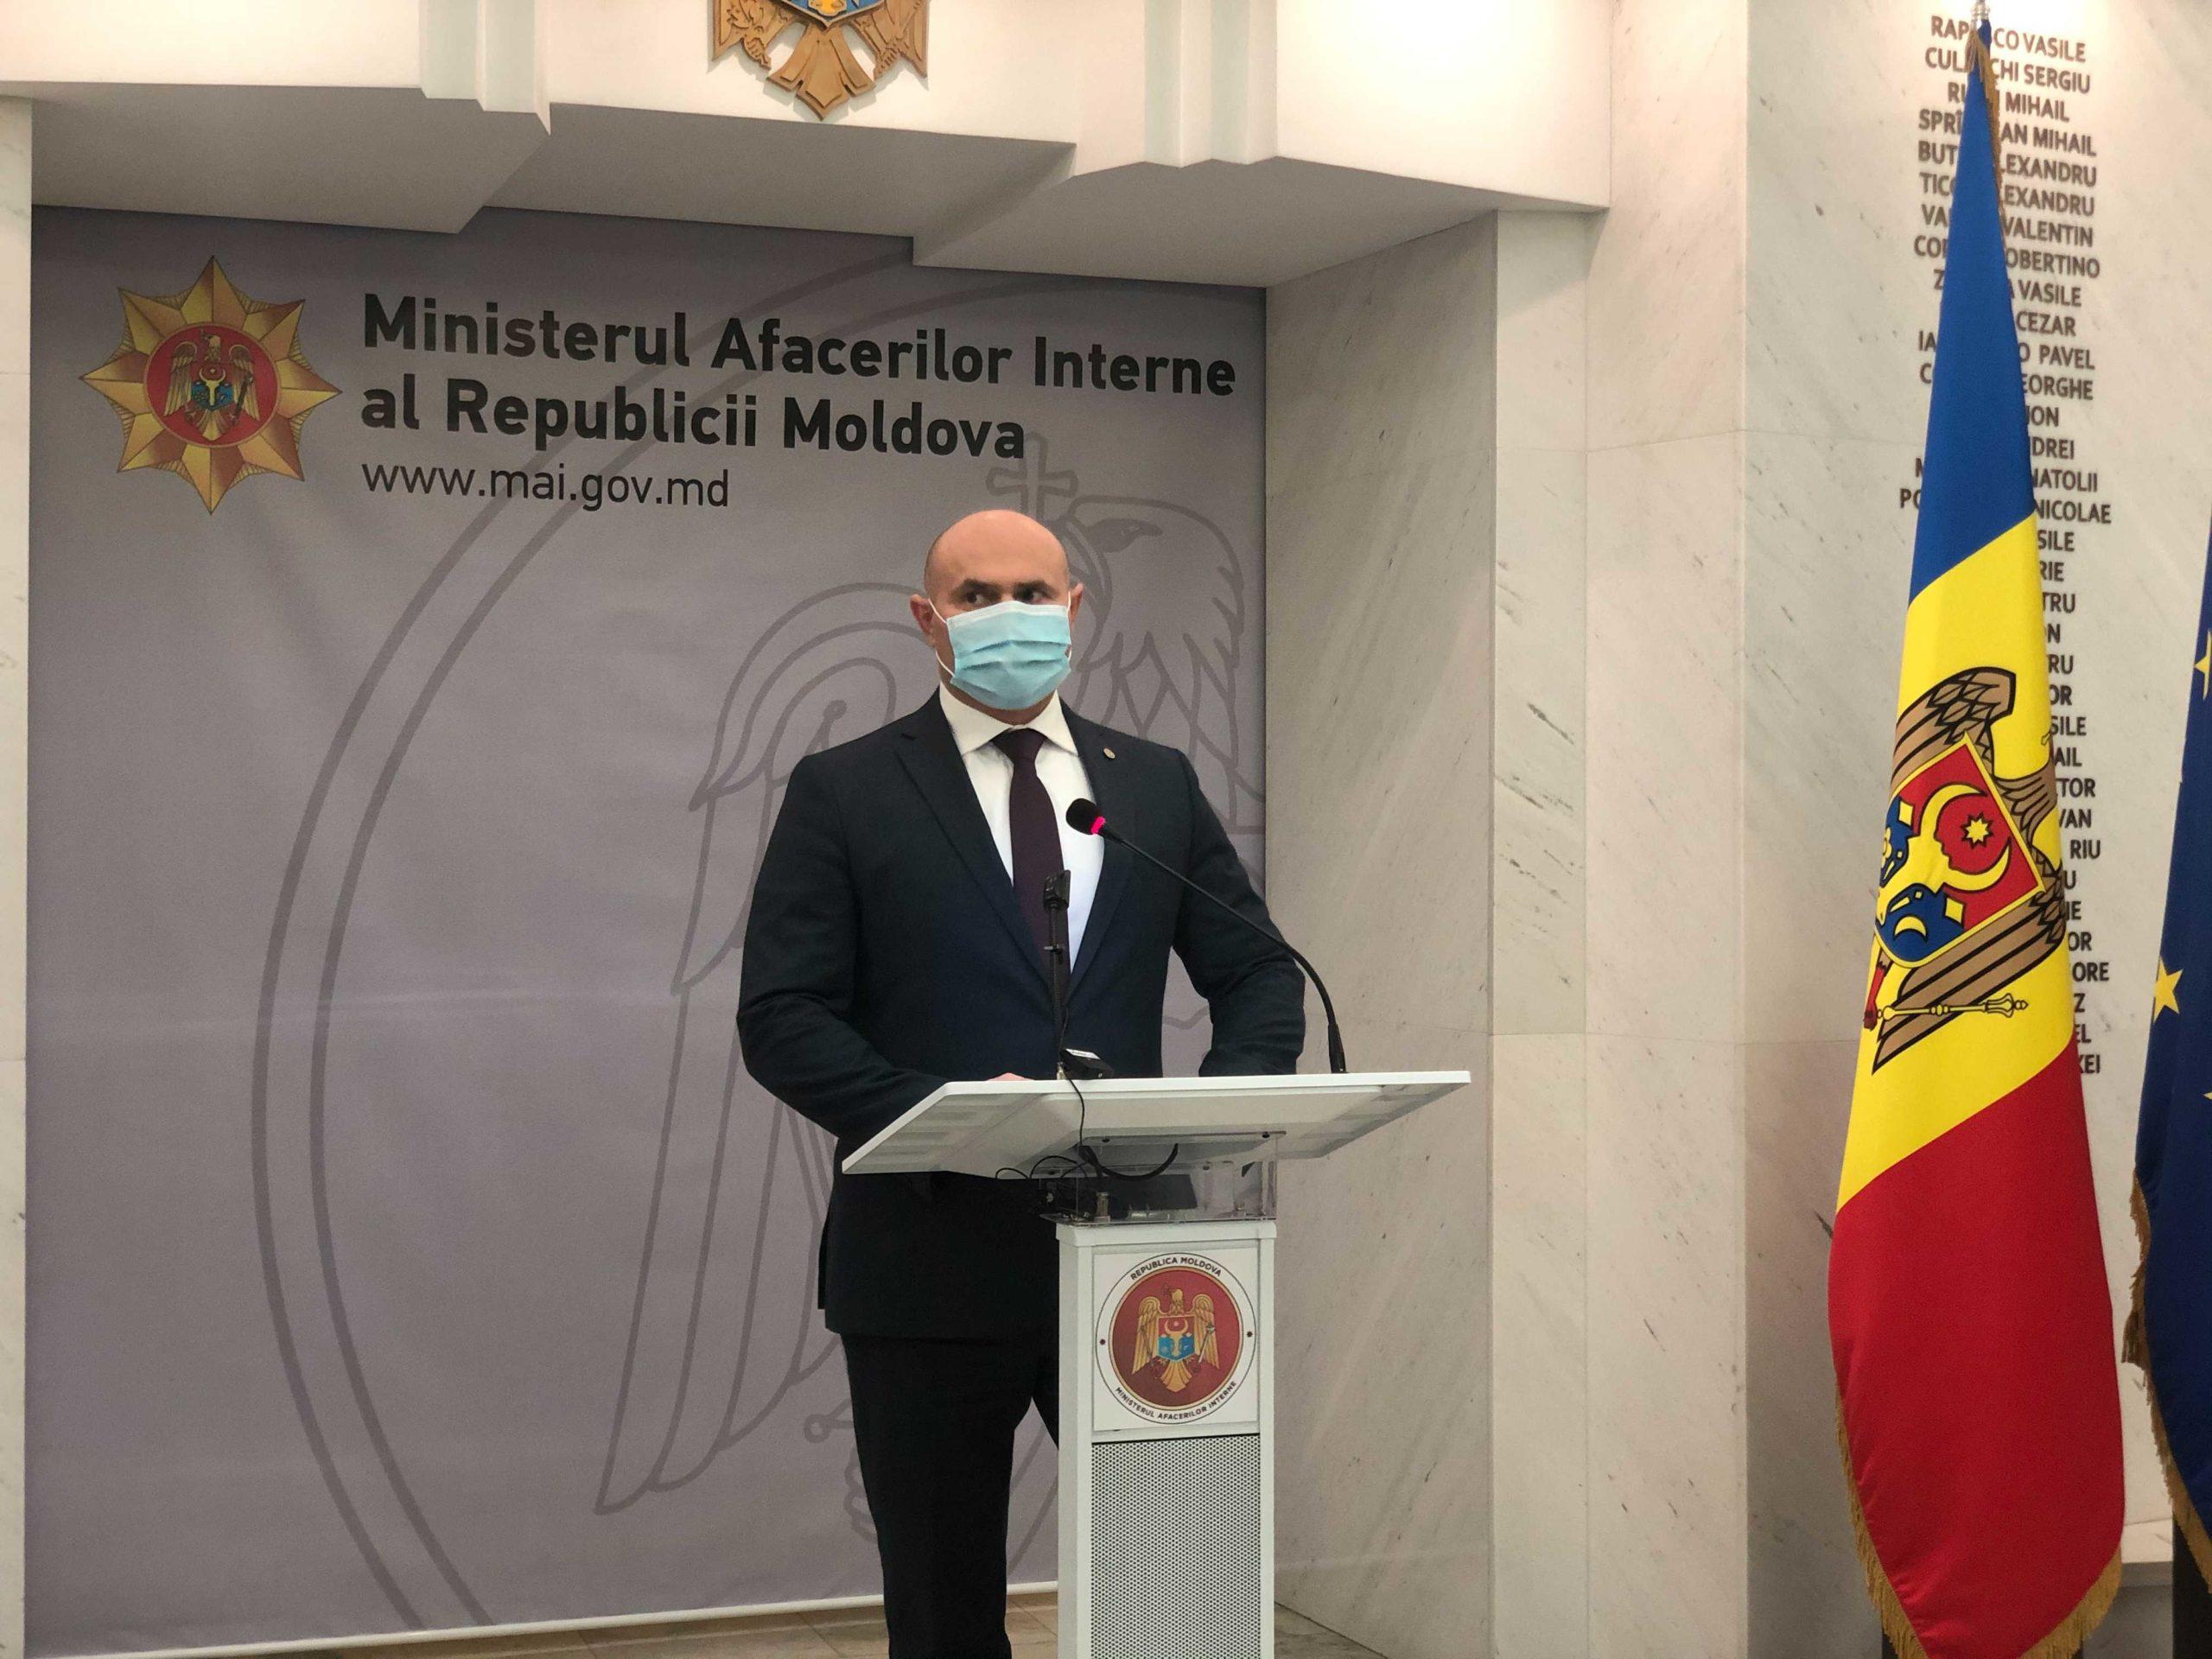 Mâna dreaptă a lui Karamalak, Jora Belțkii, a venit în Moldova înainte de alegeri. Ce-a făcut el aici și ce legătură are Dodon în acest sens?